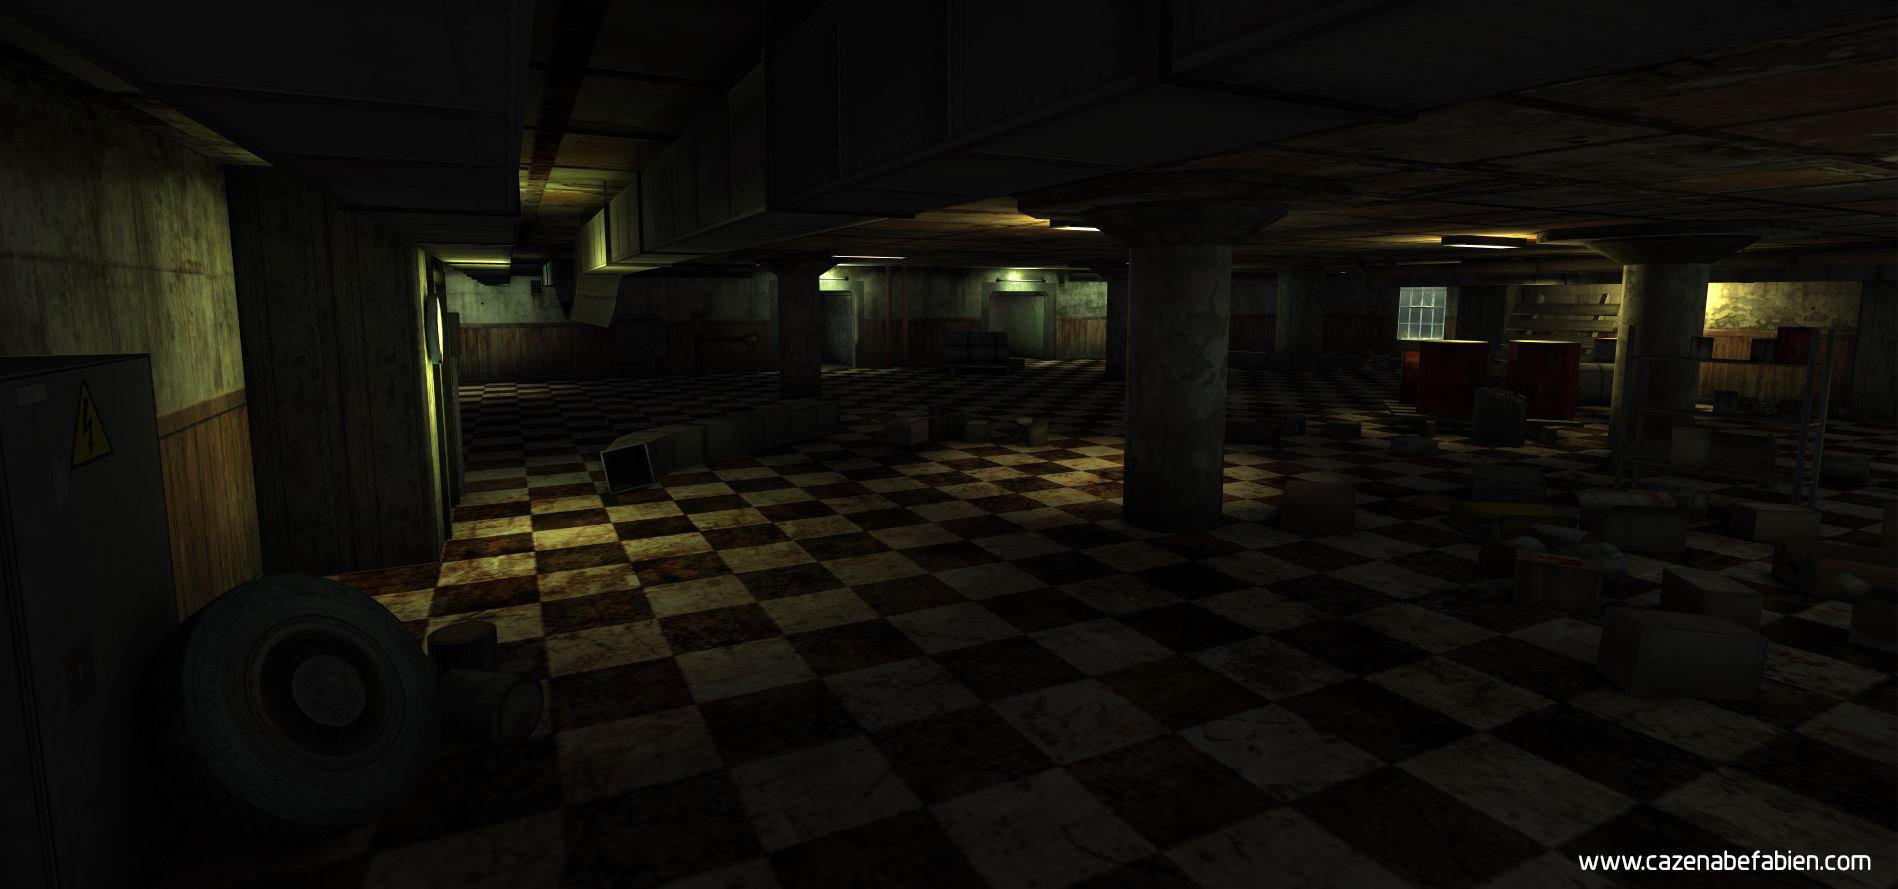 Fabien cazenabe warehouse 11